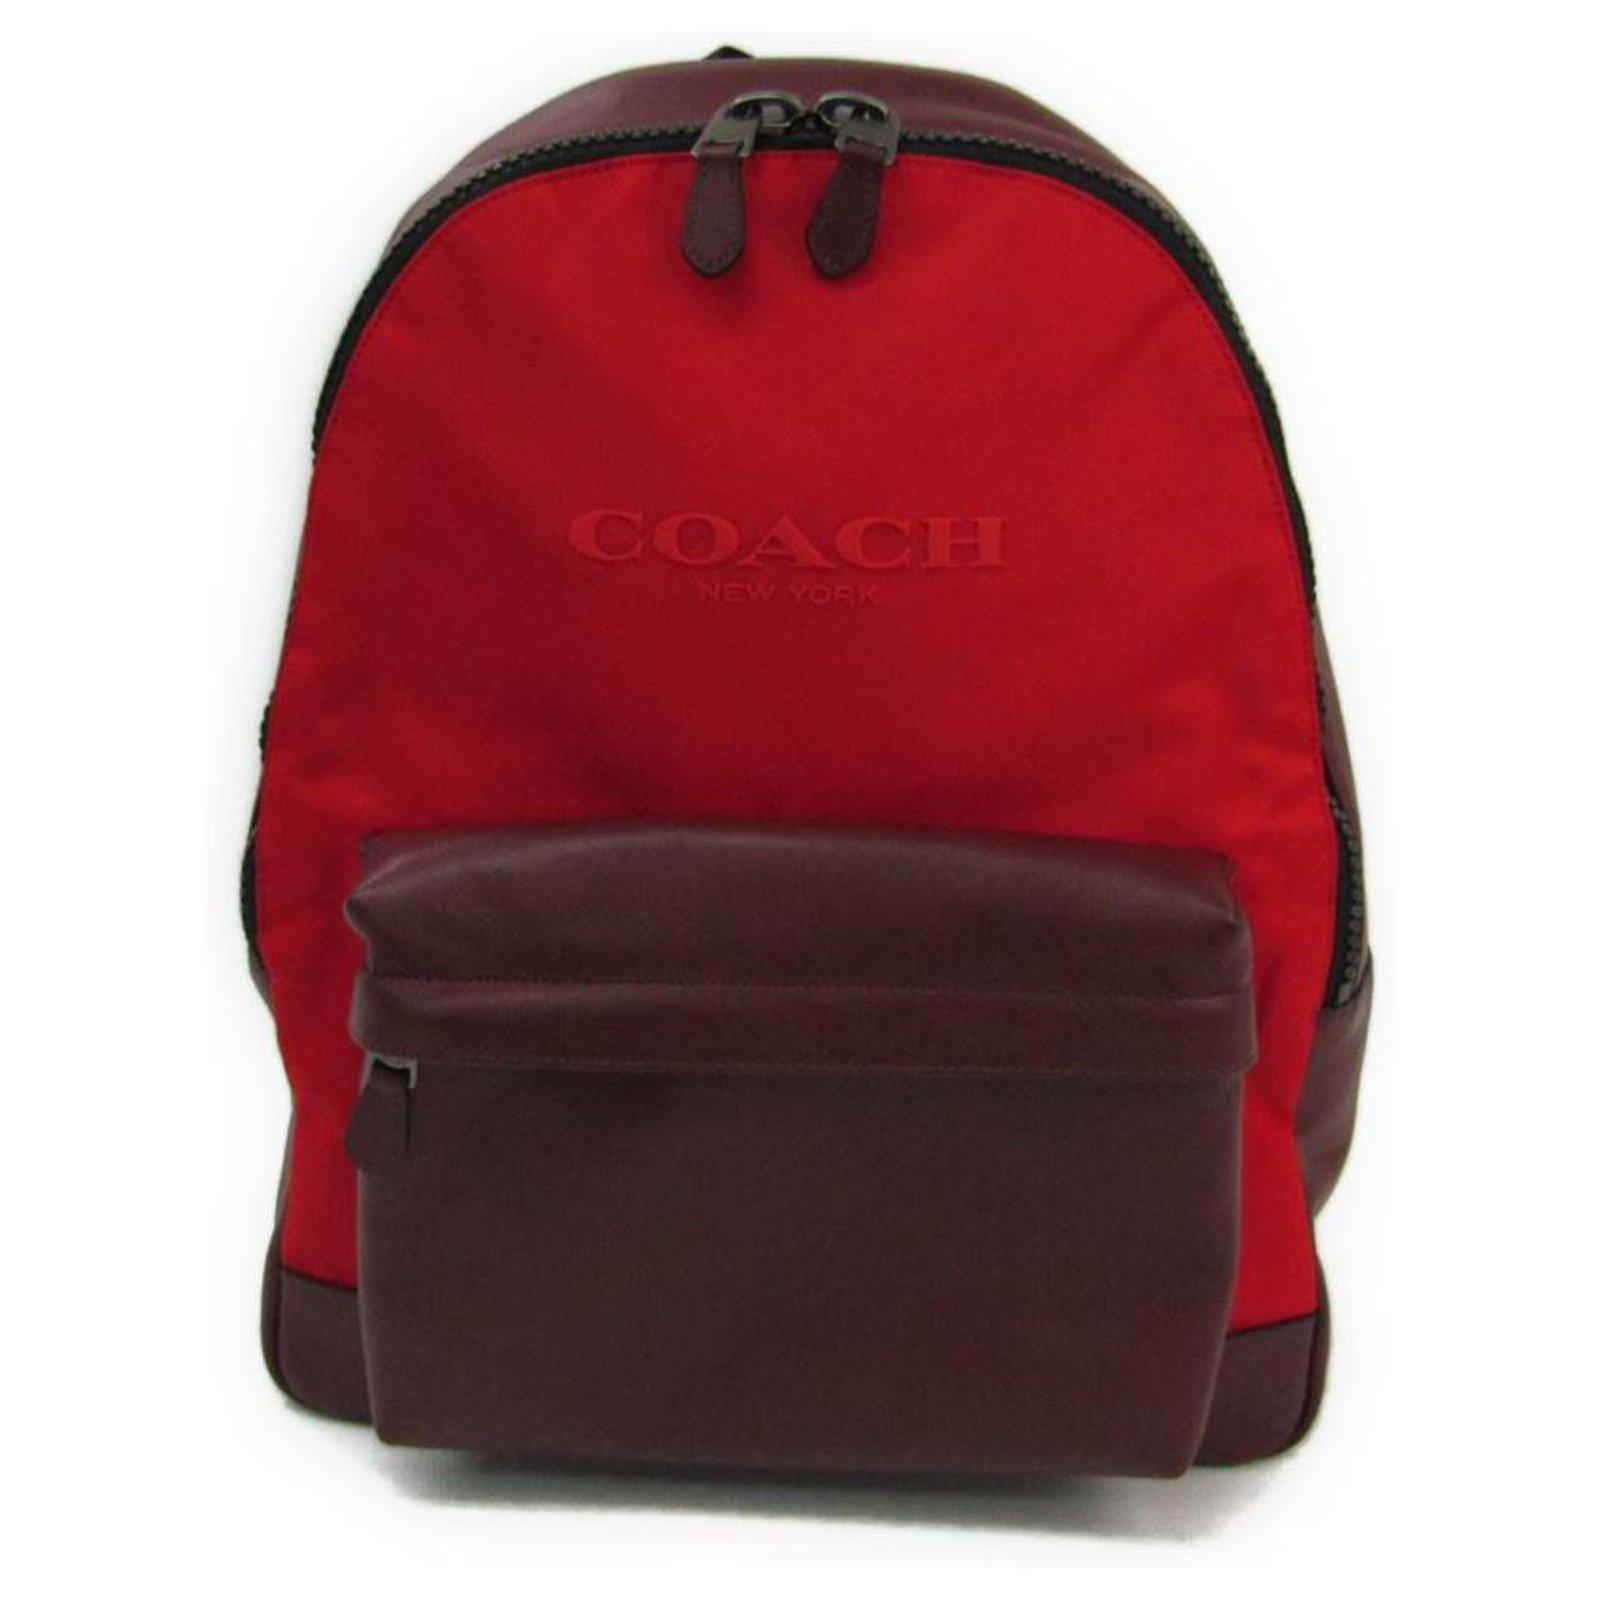 Sac à dos Coach en nylon rouge